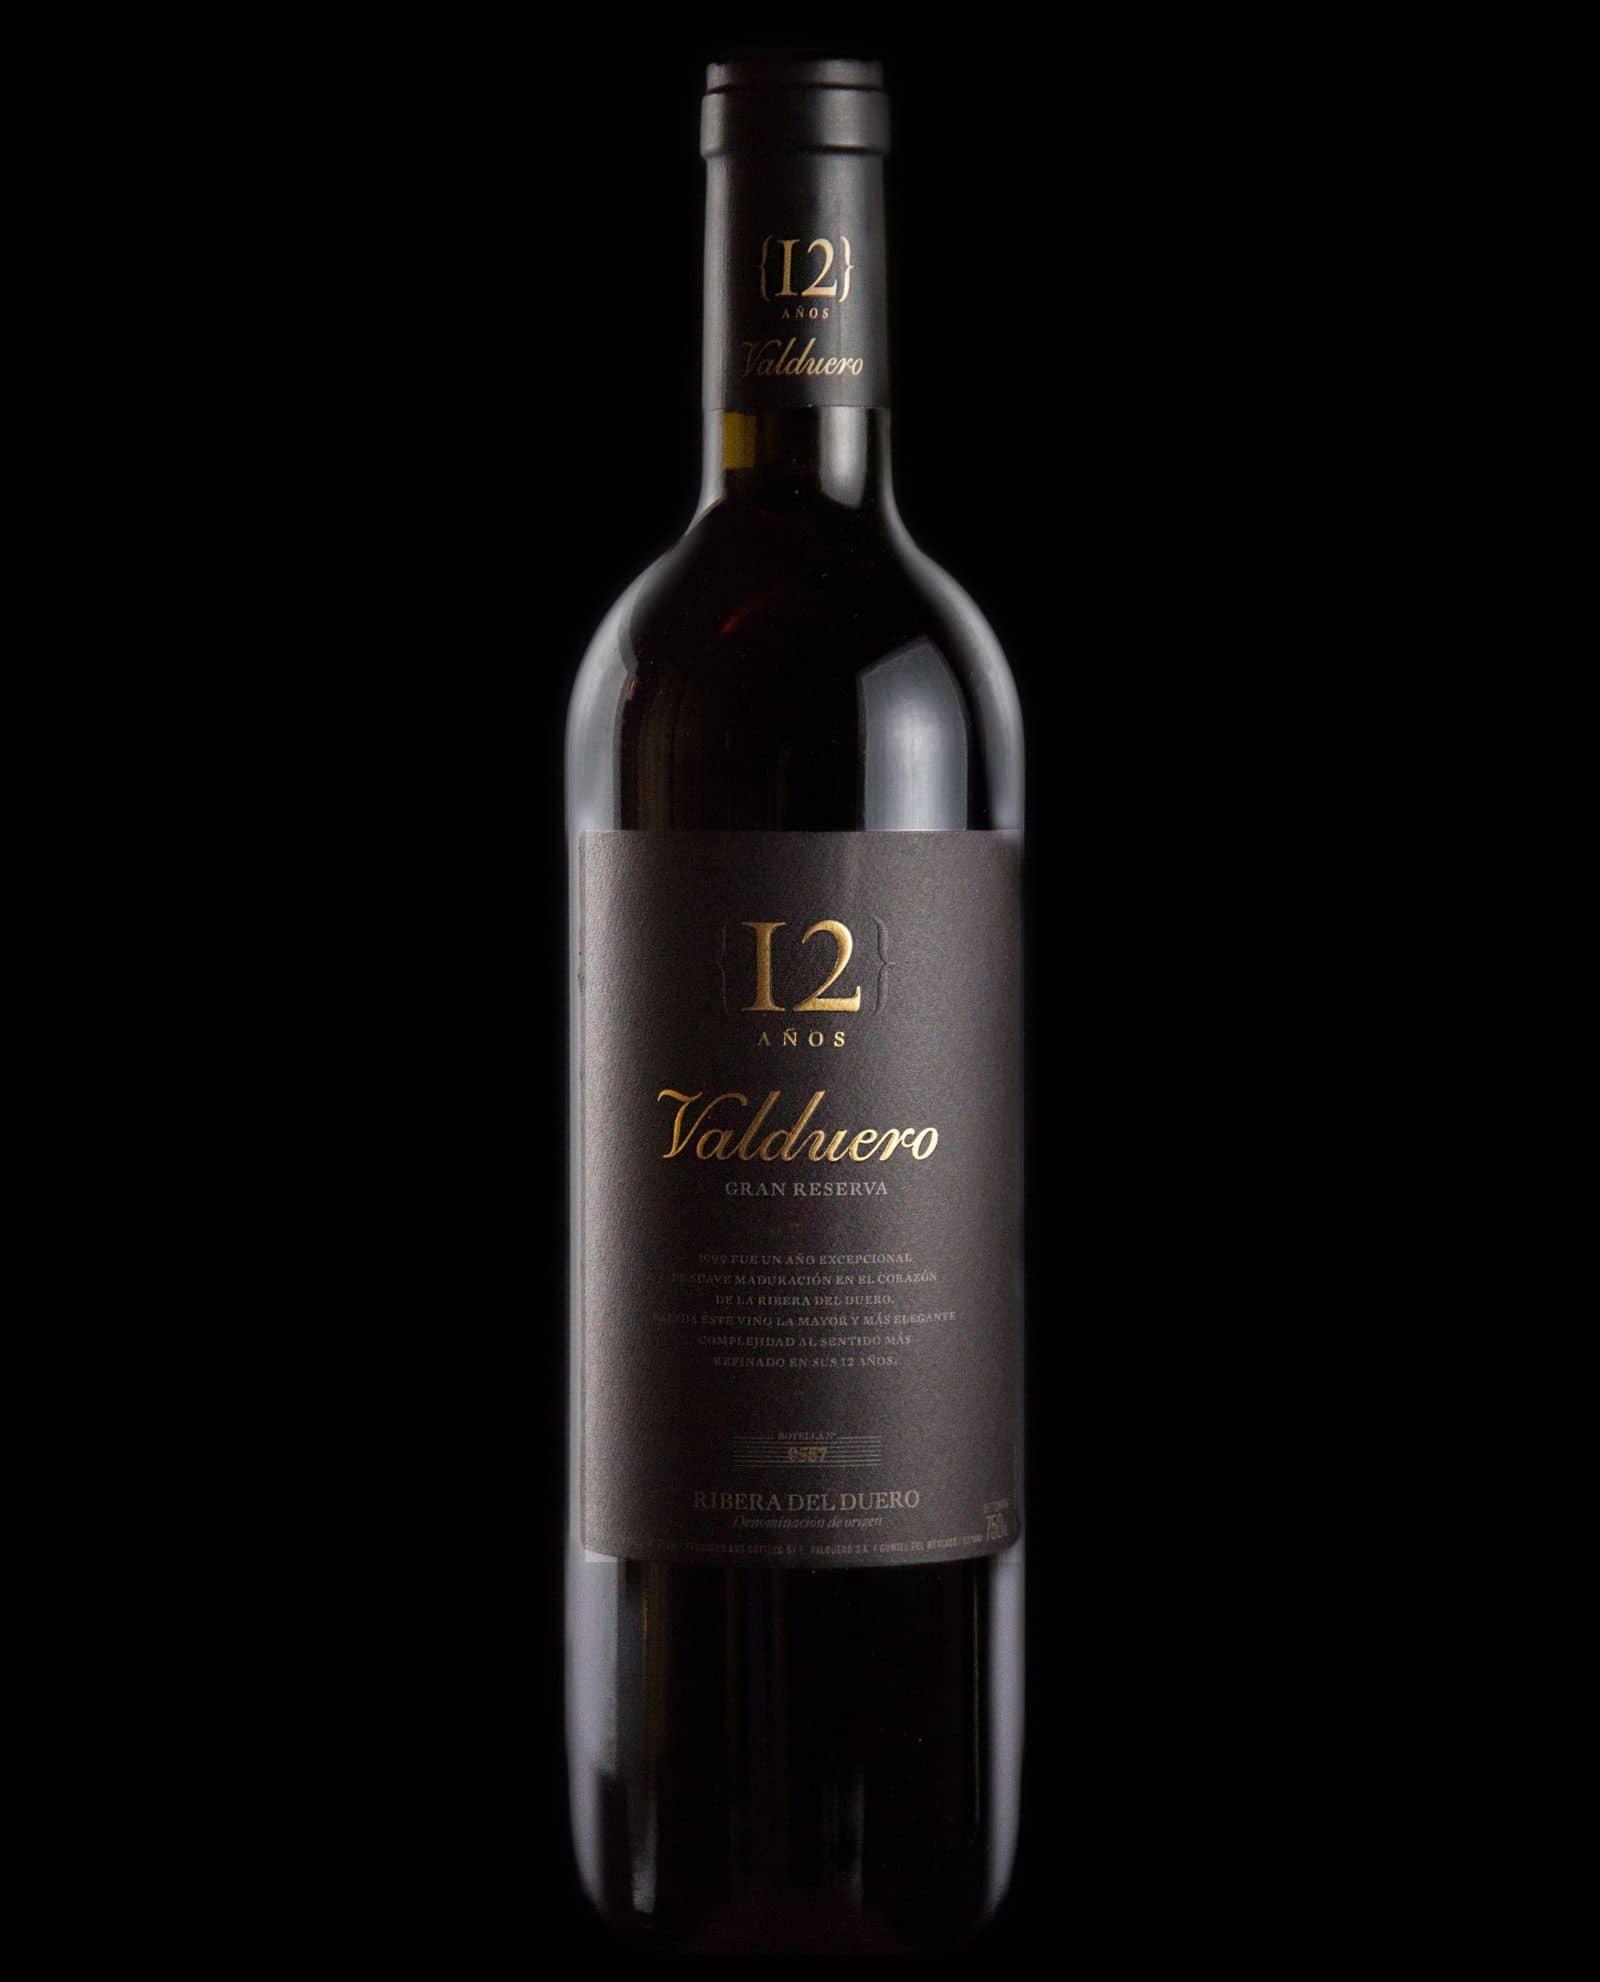 Botella de vino Valduero 12 años, vino de lujo de la Ribera del Duero